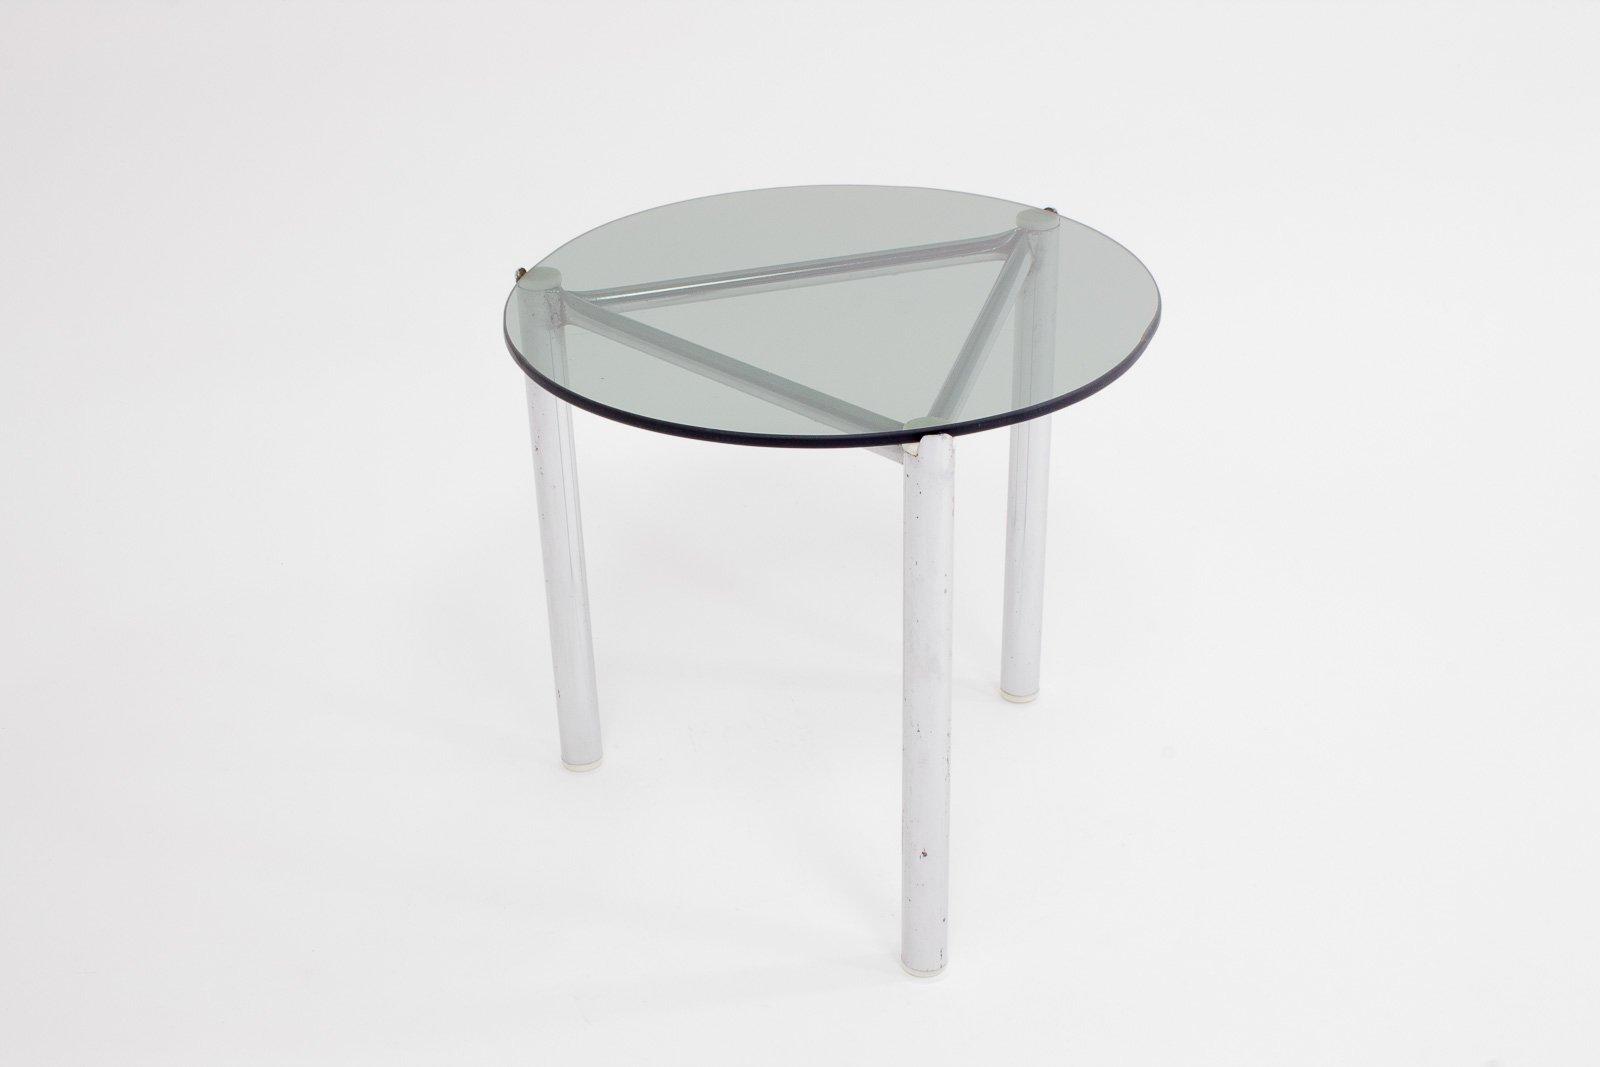 table d 39 appoint avec cadre en chrome et plateau en verre 1960s en vente sur pamono. Black Bedroom Furniture Sets. Home Design Ideas